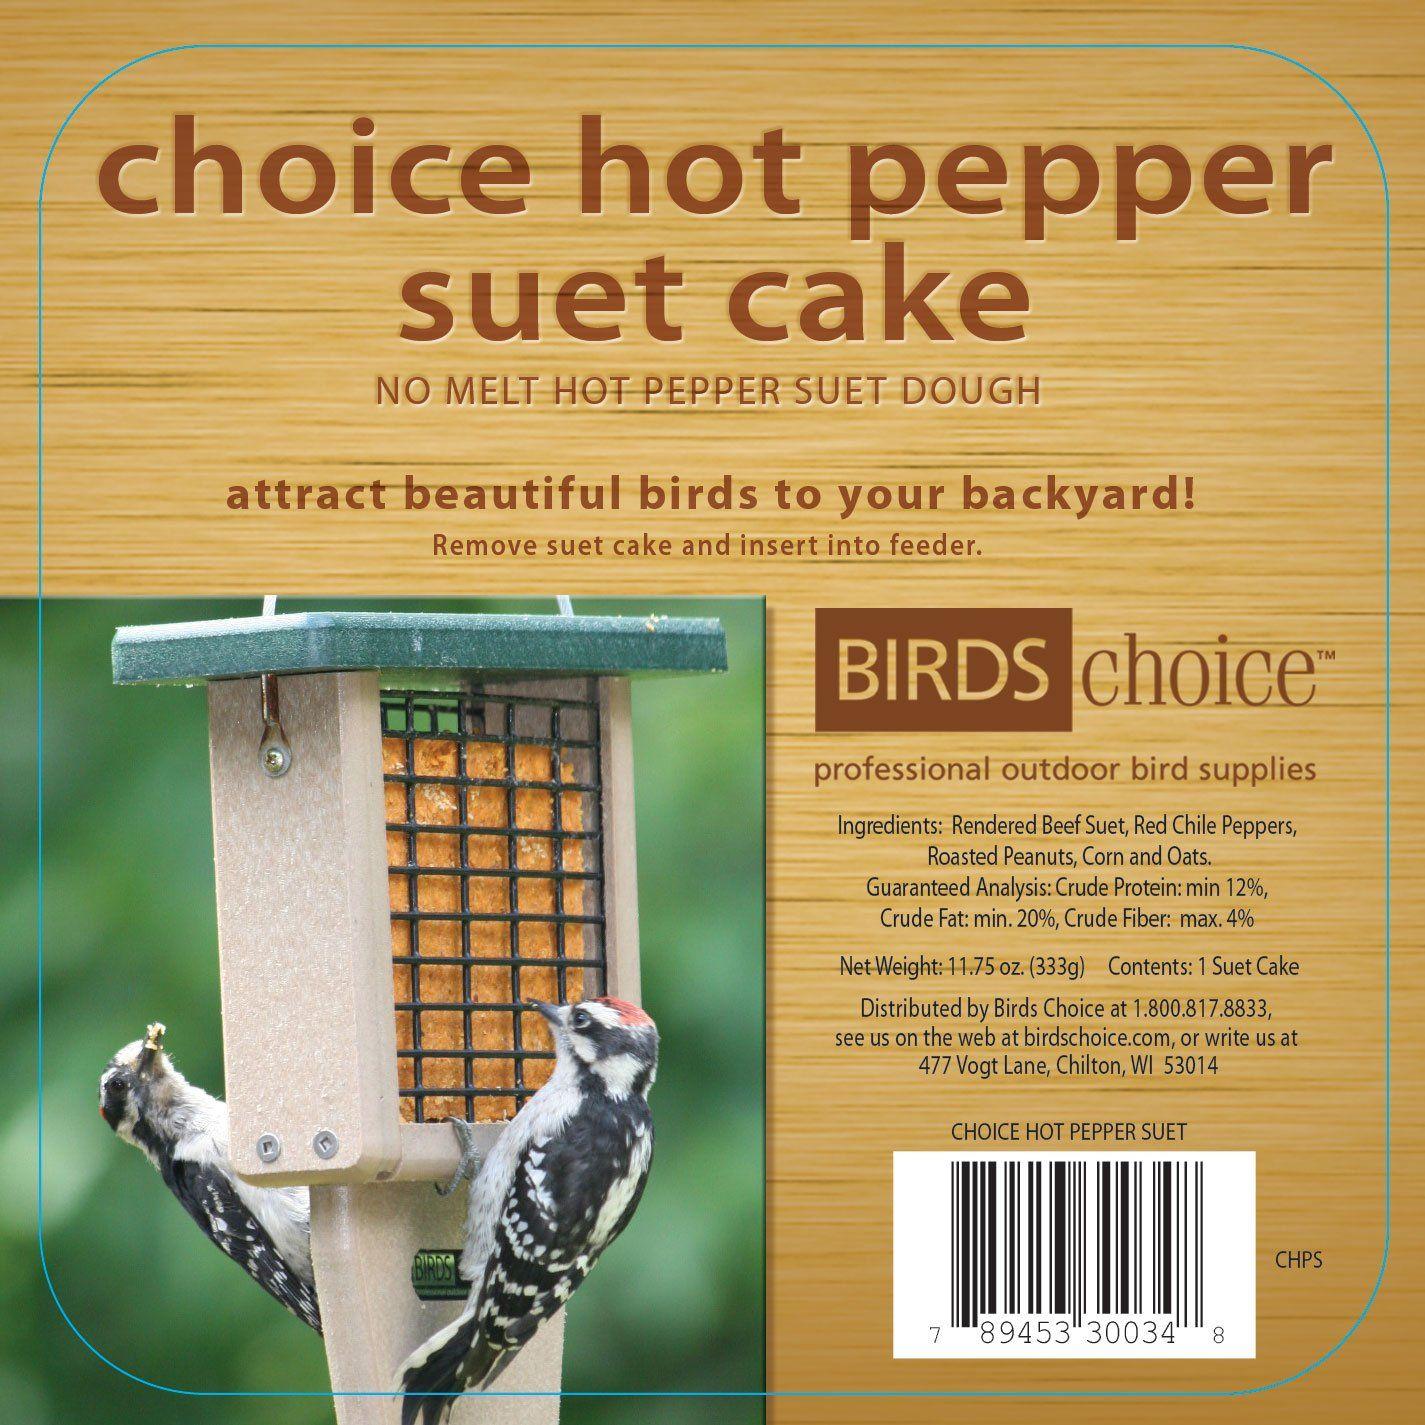 Birds choice hot pepper suet cake 1175 oz case of 12